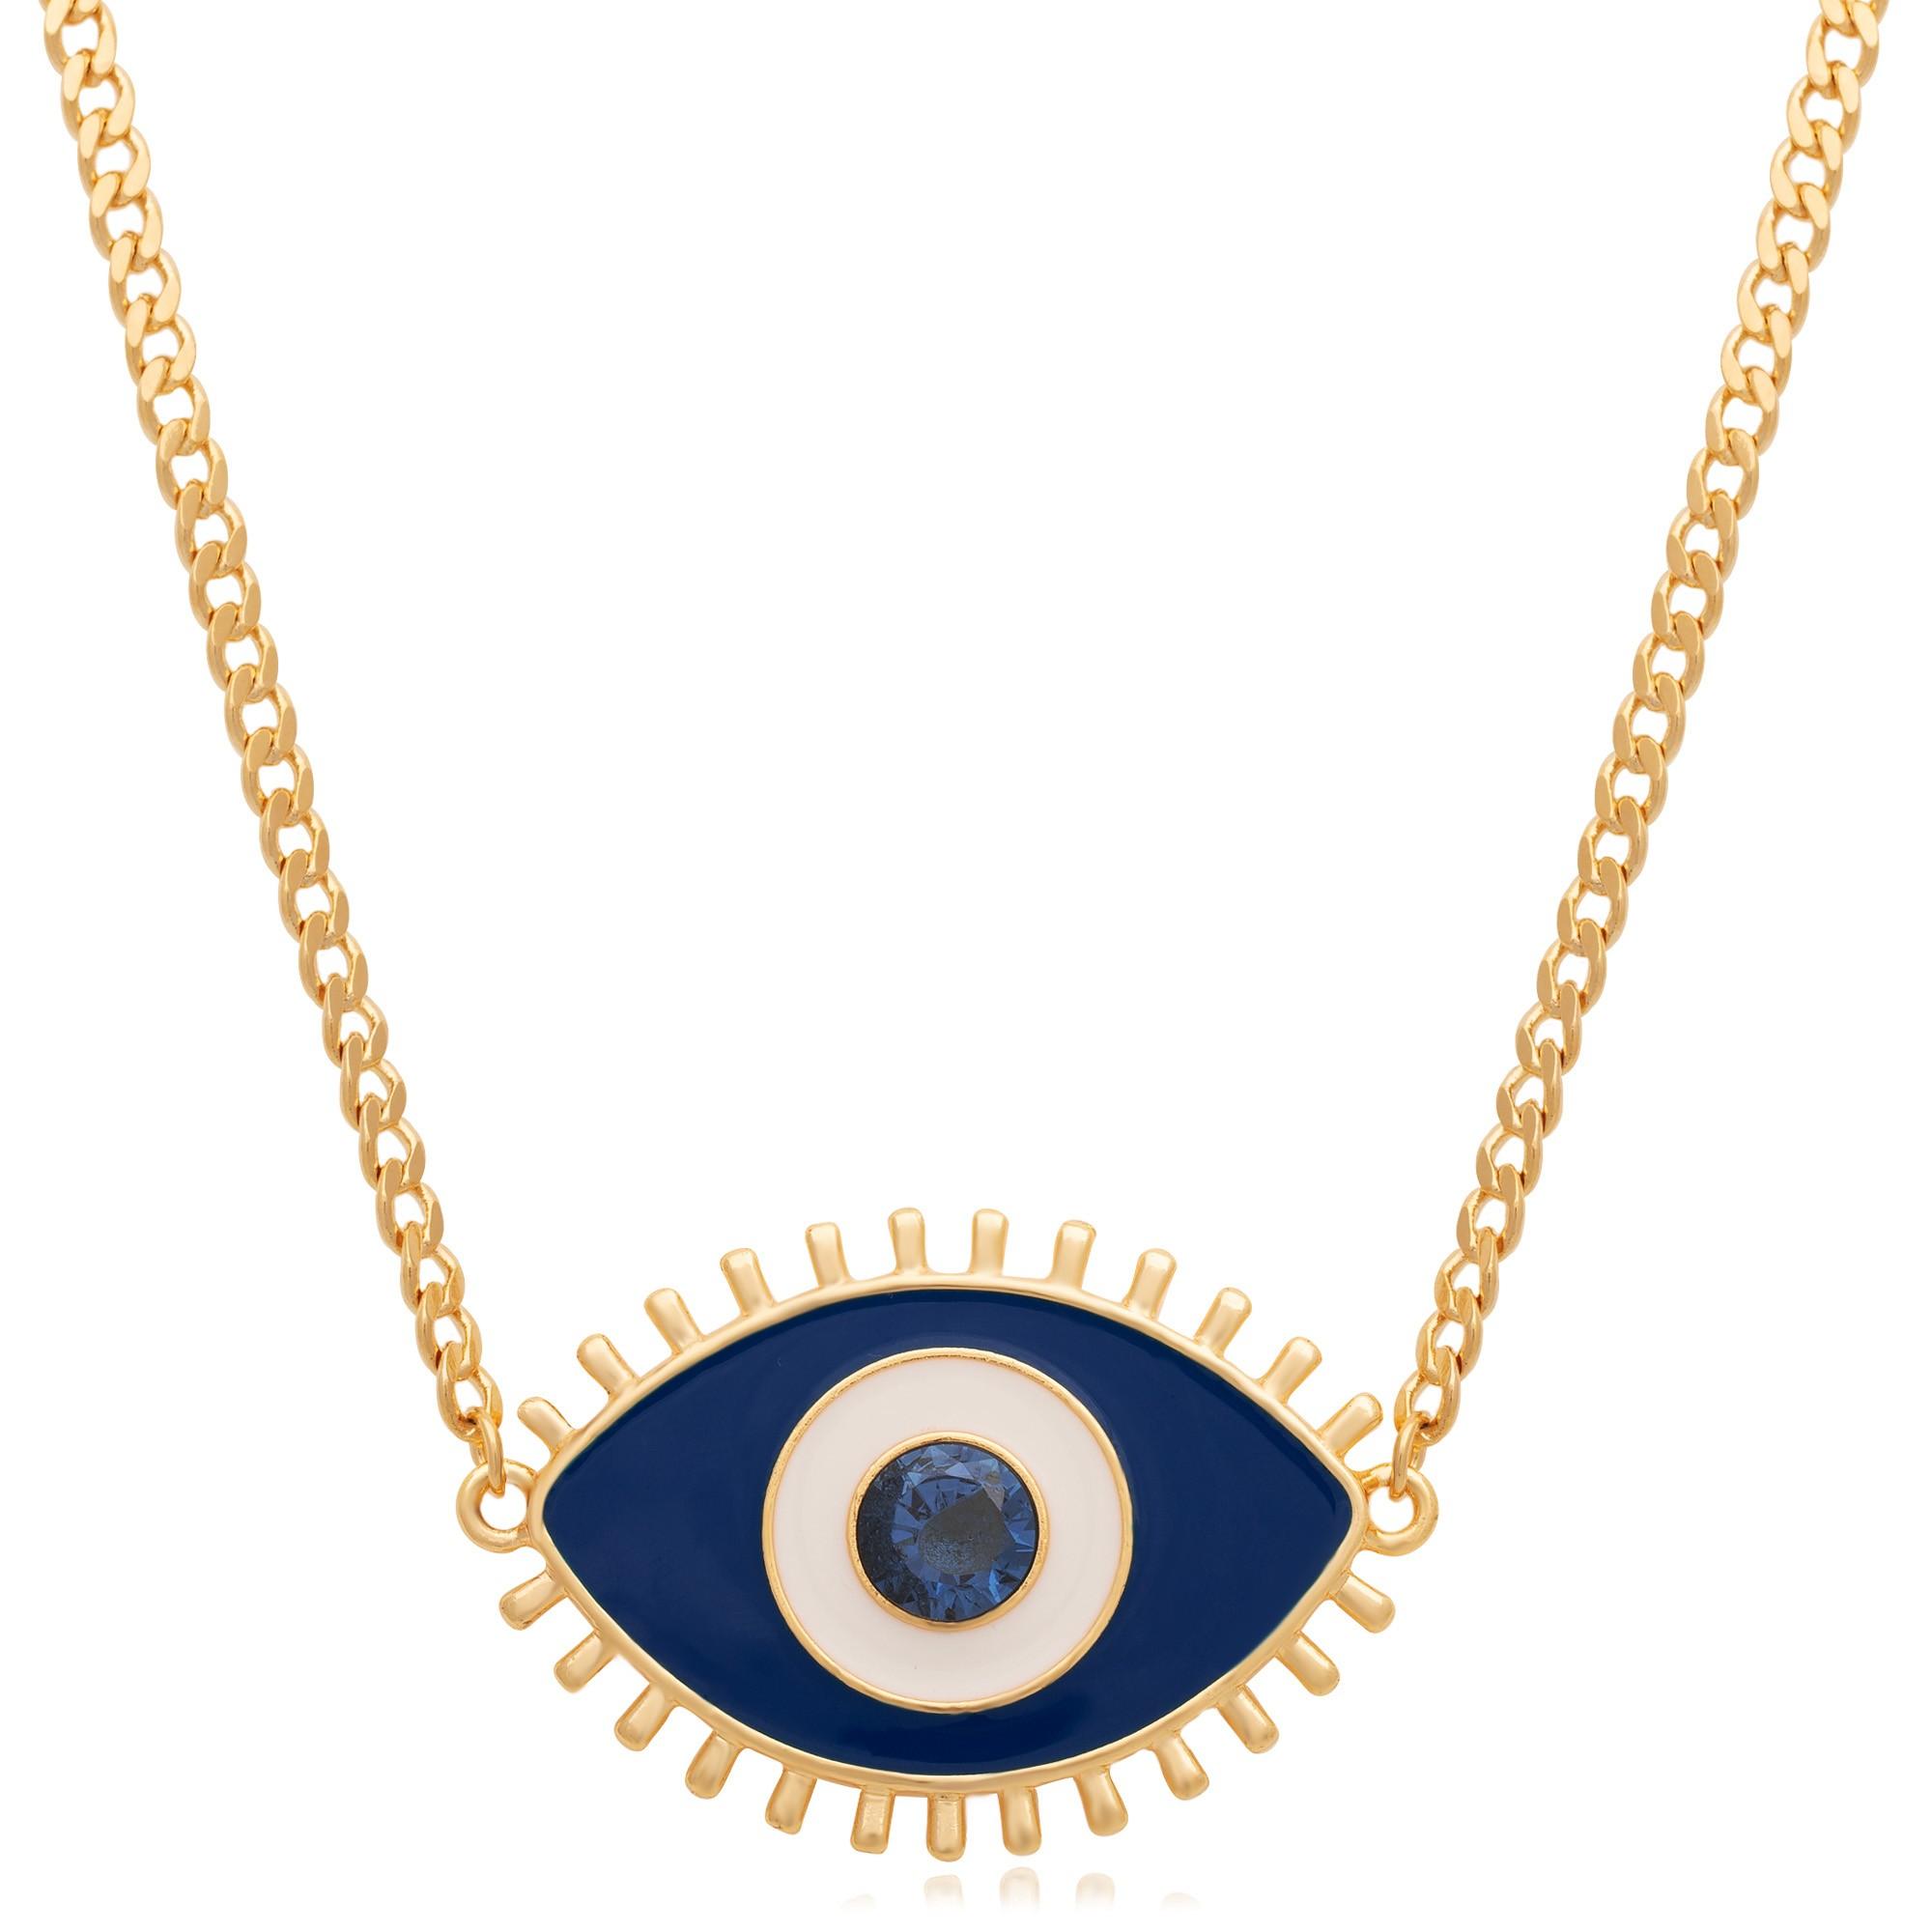 Colar banhado à ouro 18k com pingente olho grego azul.  - bfdecor.com.br